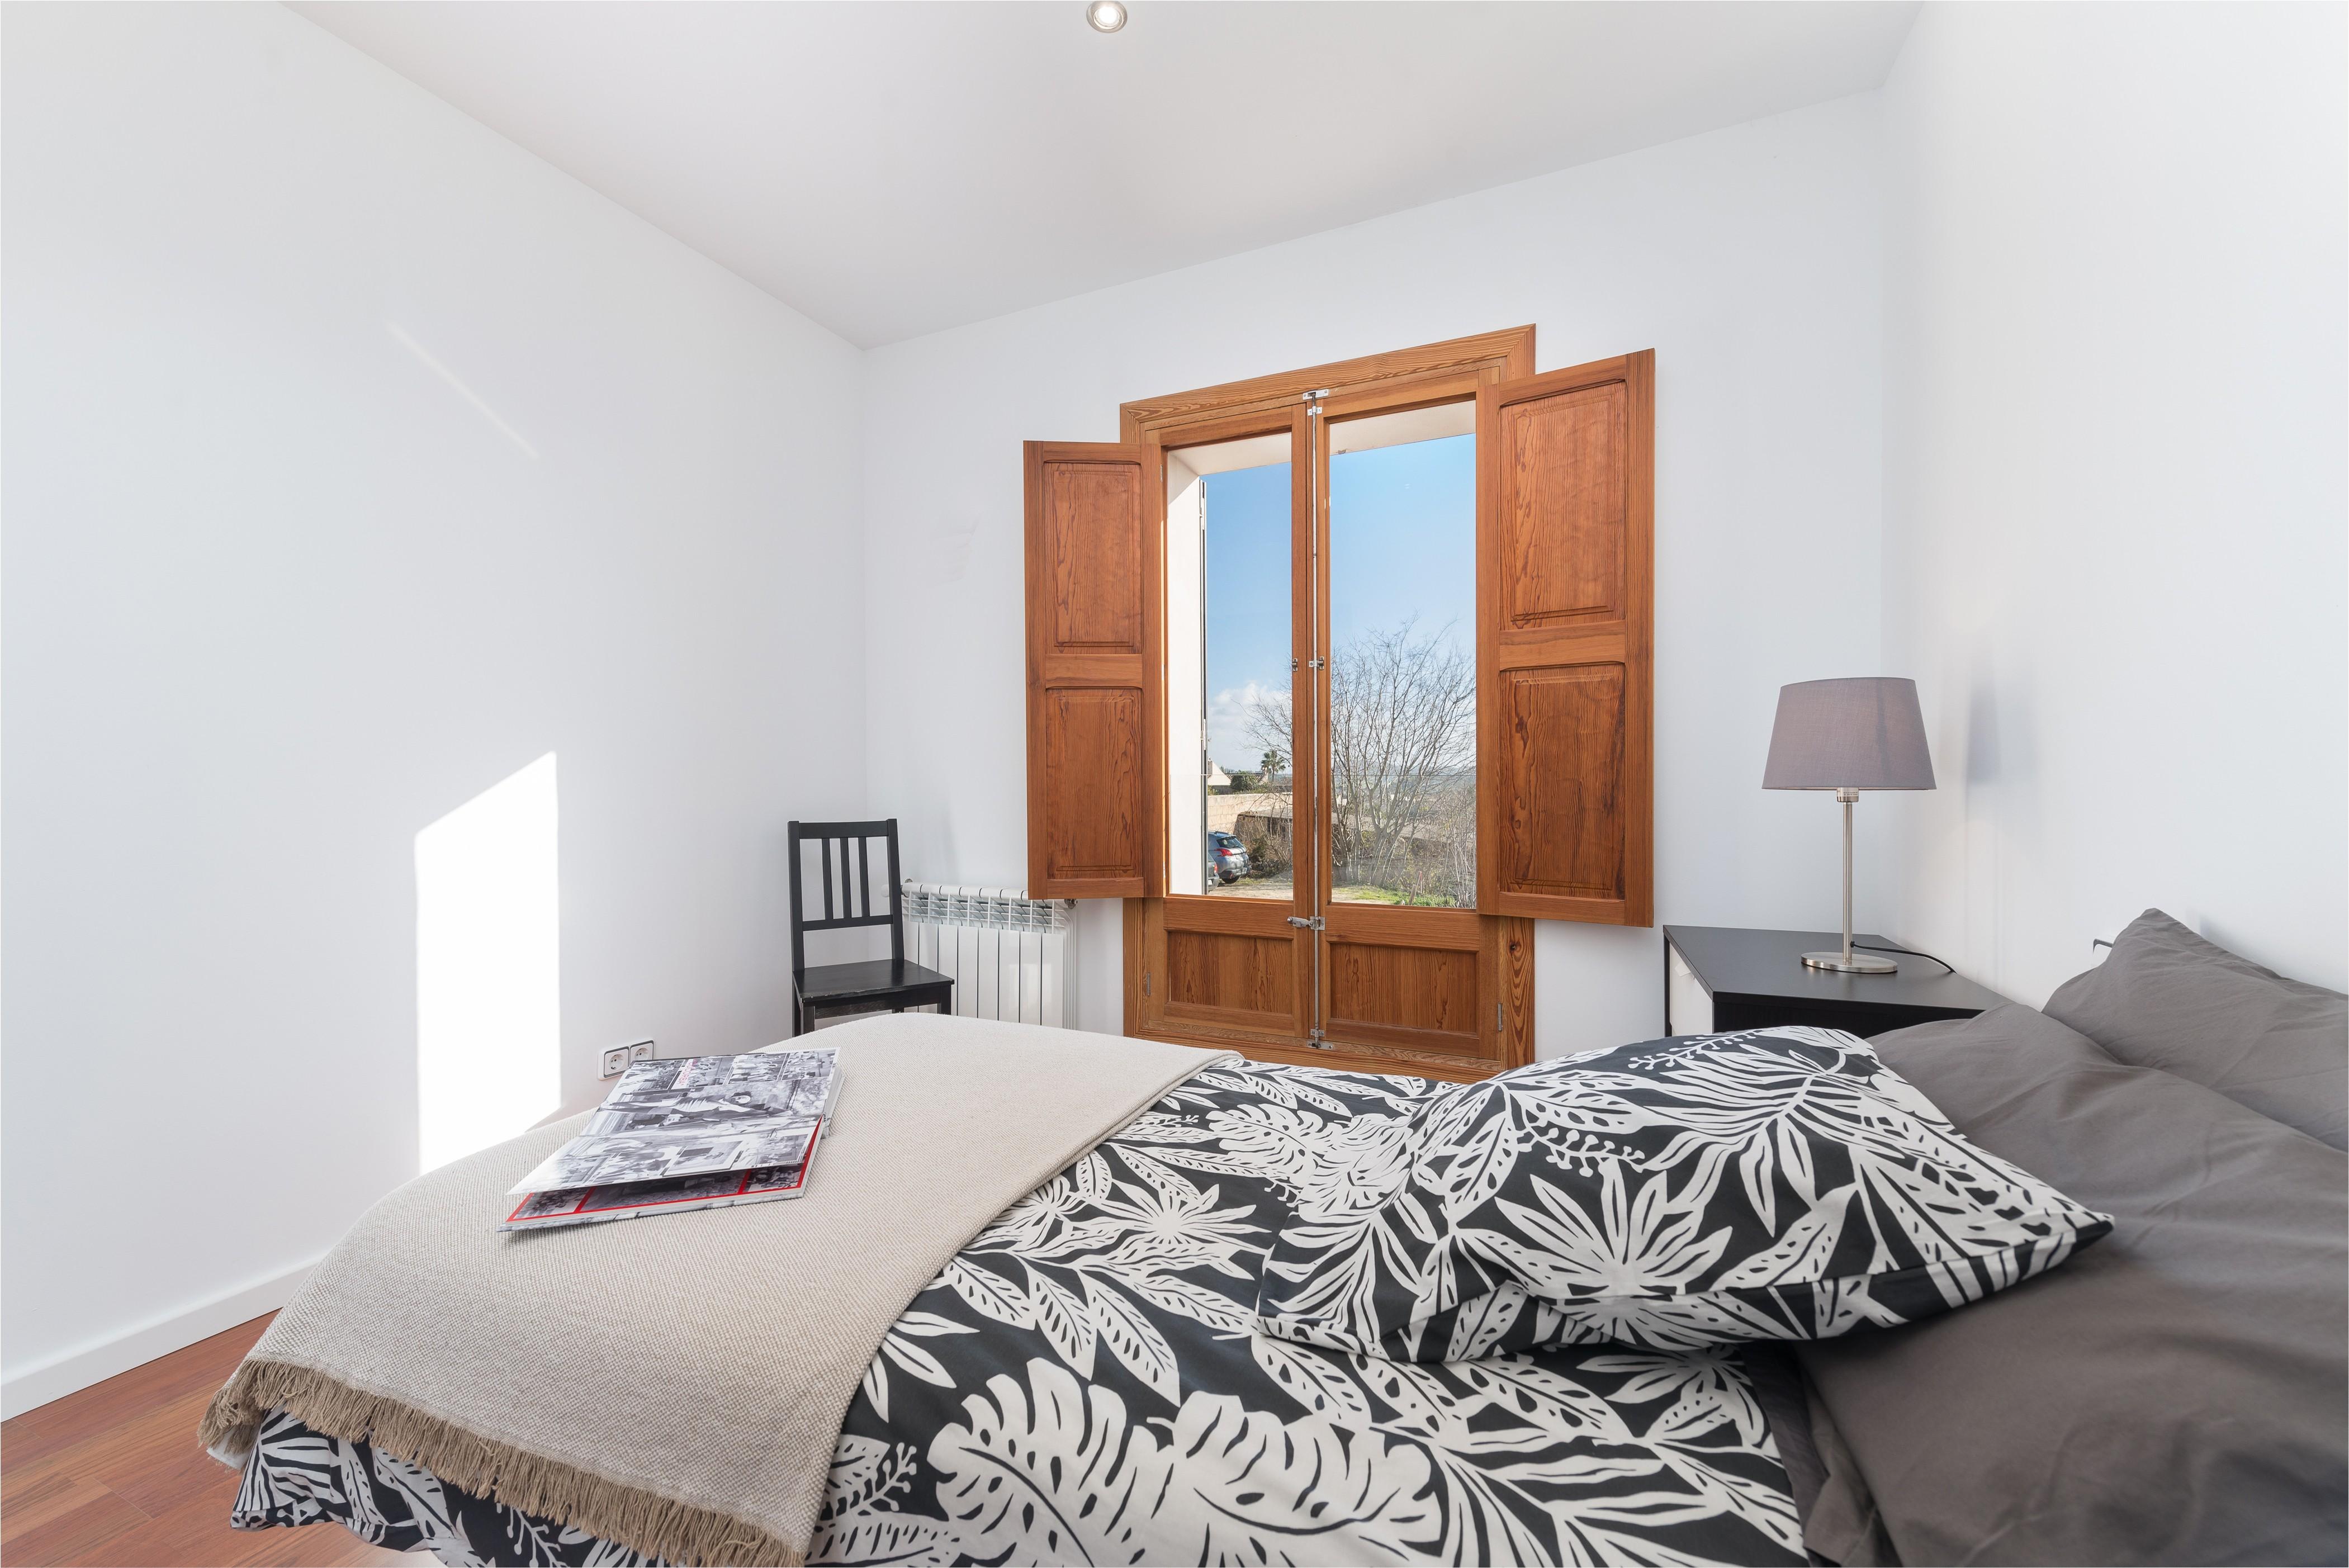 Maison de vacances CAN DOMINGO (2246405), Lloret de Vistalegre, Majorque, Iles Baléares, Espagne, image 12